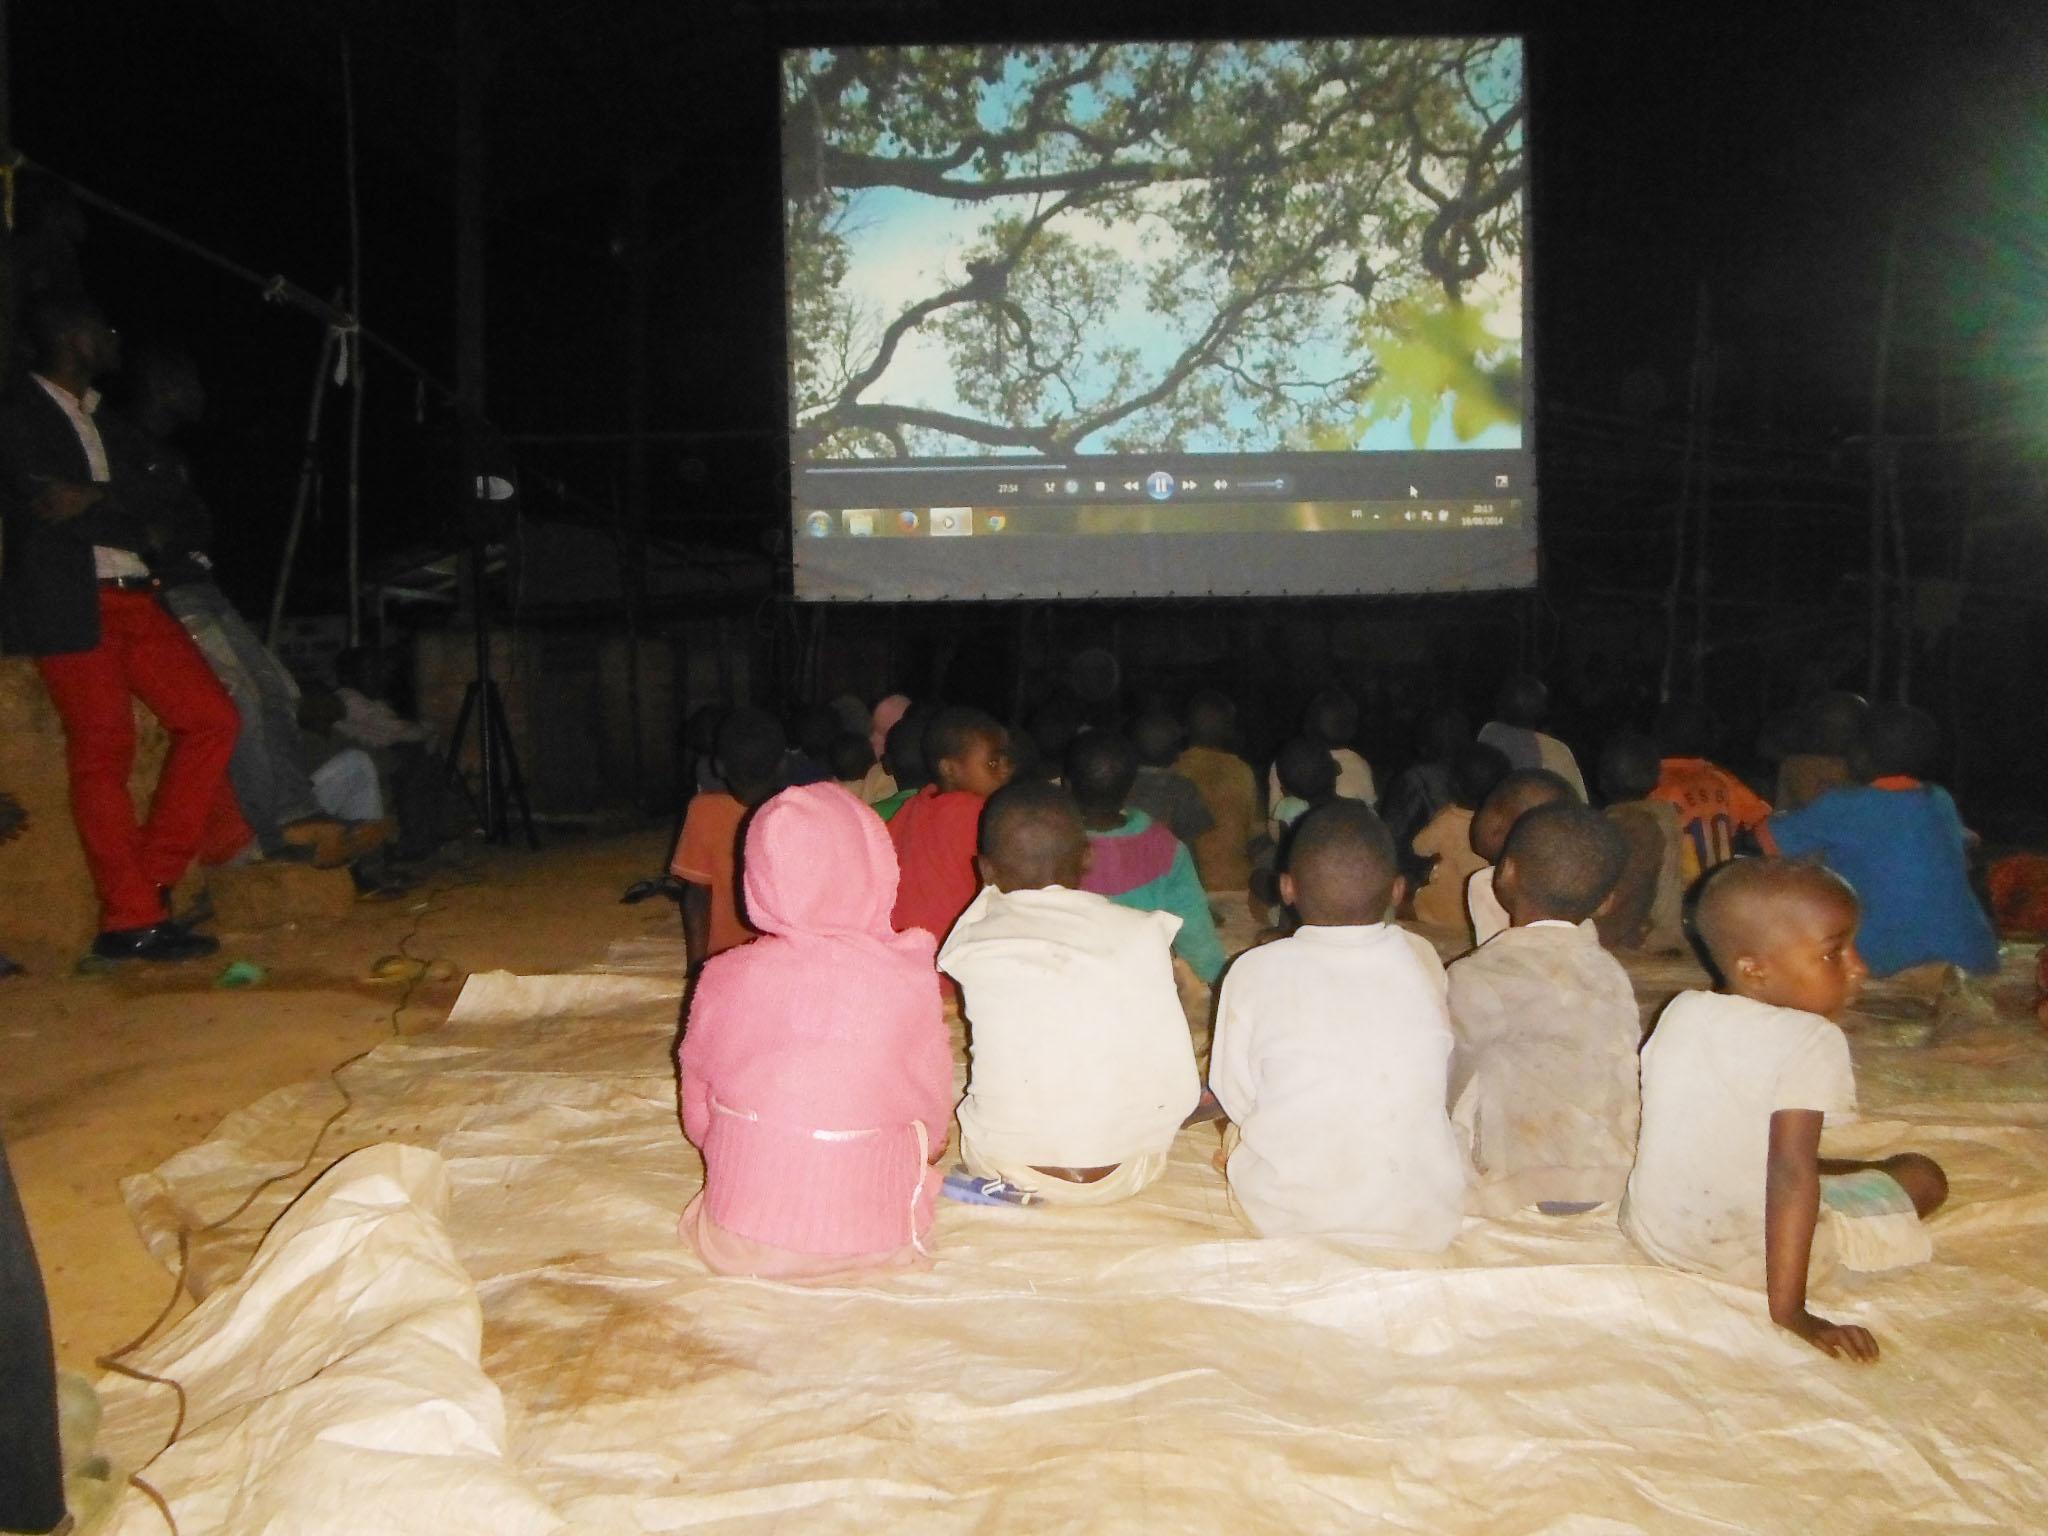 Les enfants émerveillés face à une projection grand écran au village